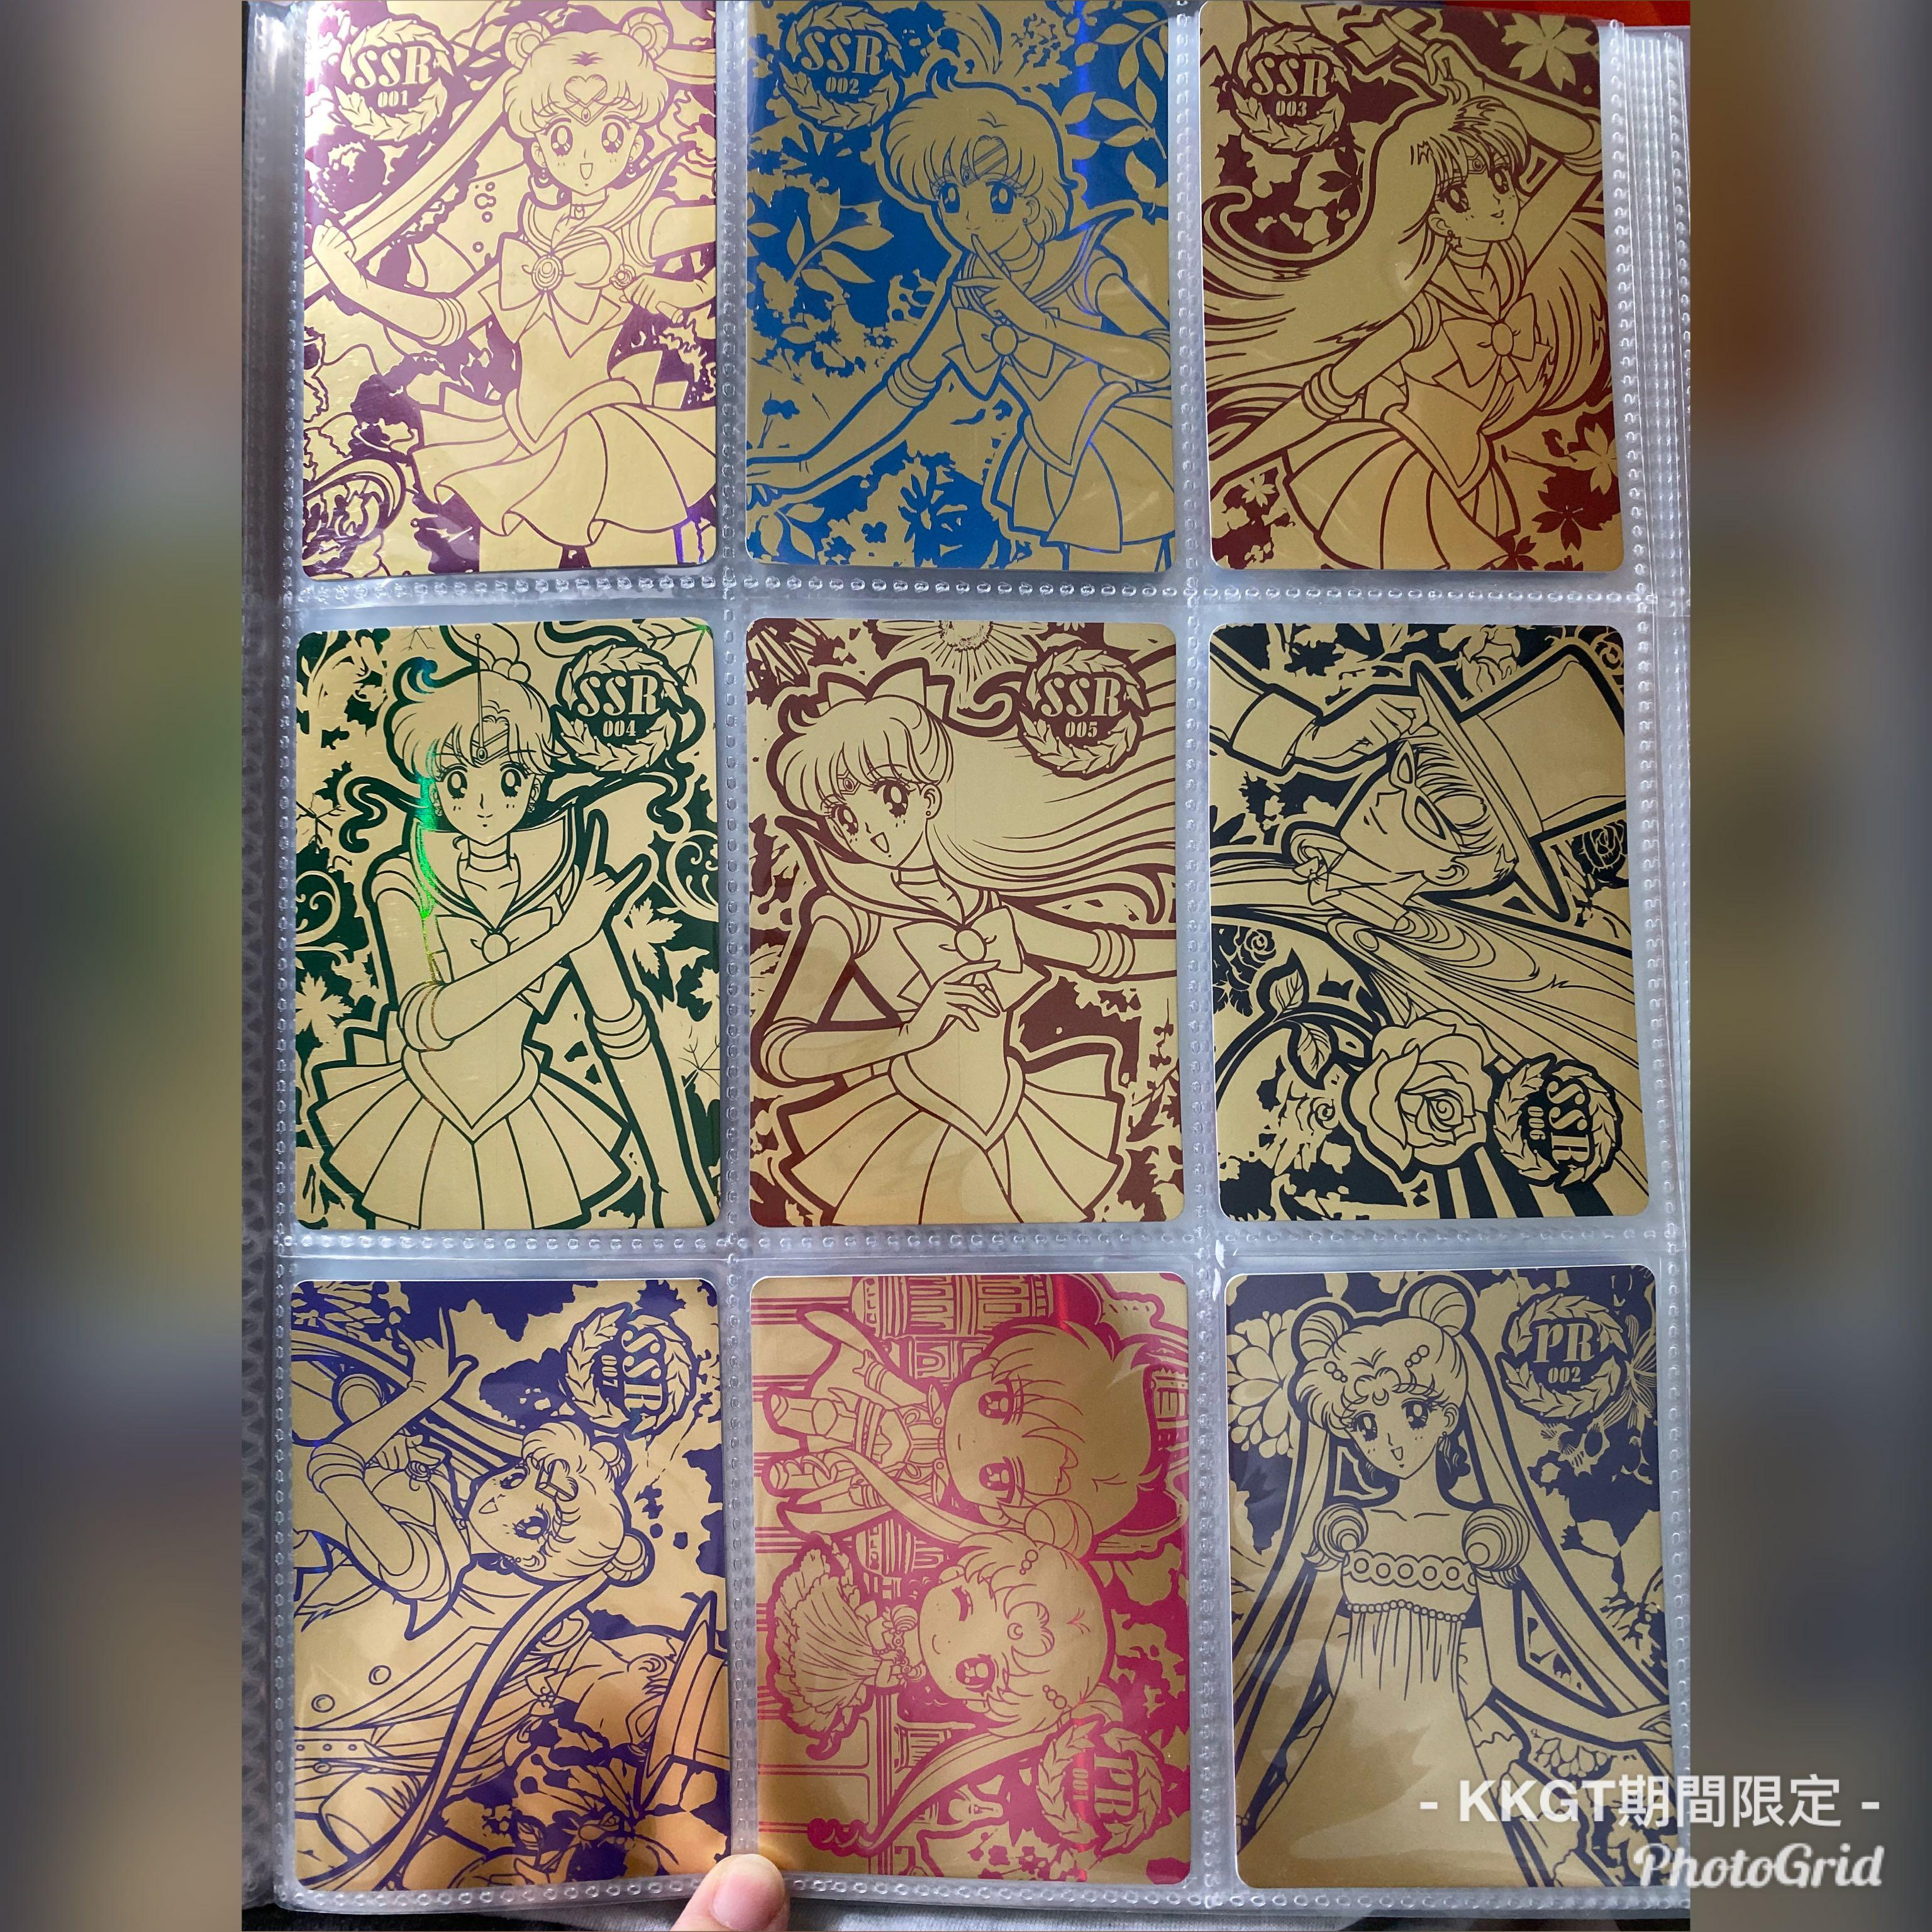 [現貨][台灣]美少女戰士 7-11閃卡 - SSR & PR 全套